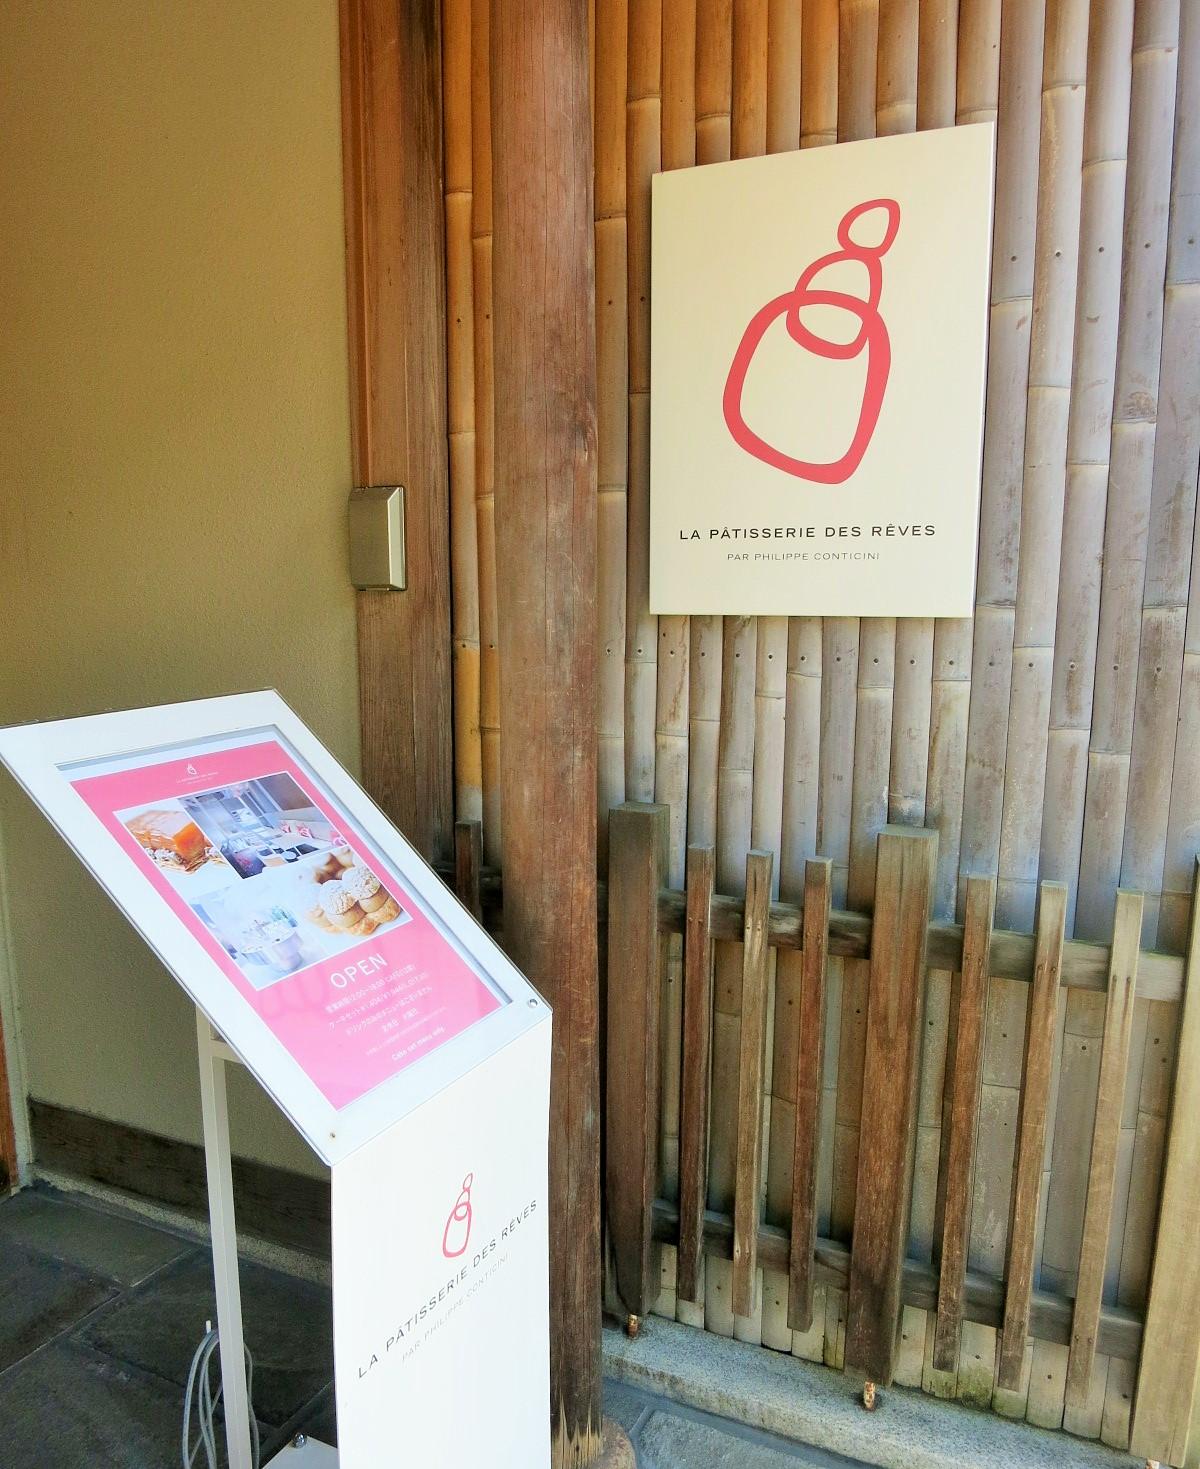 京都で朝活③ 京洋菓子司ジュヴァンセル*スイーツカフェ_f0236260_132850100.jpg